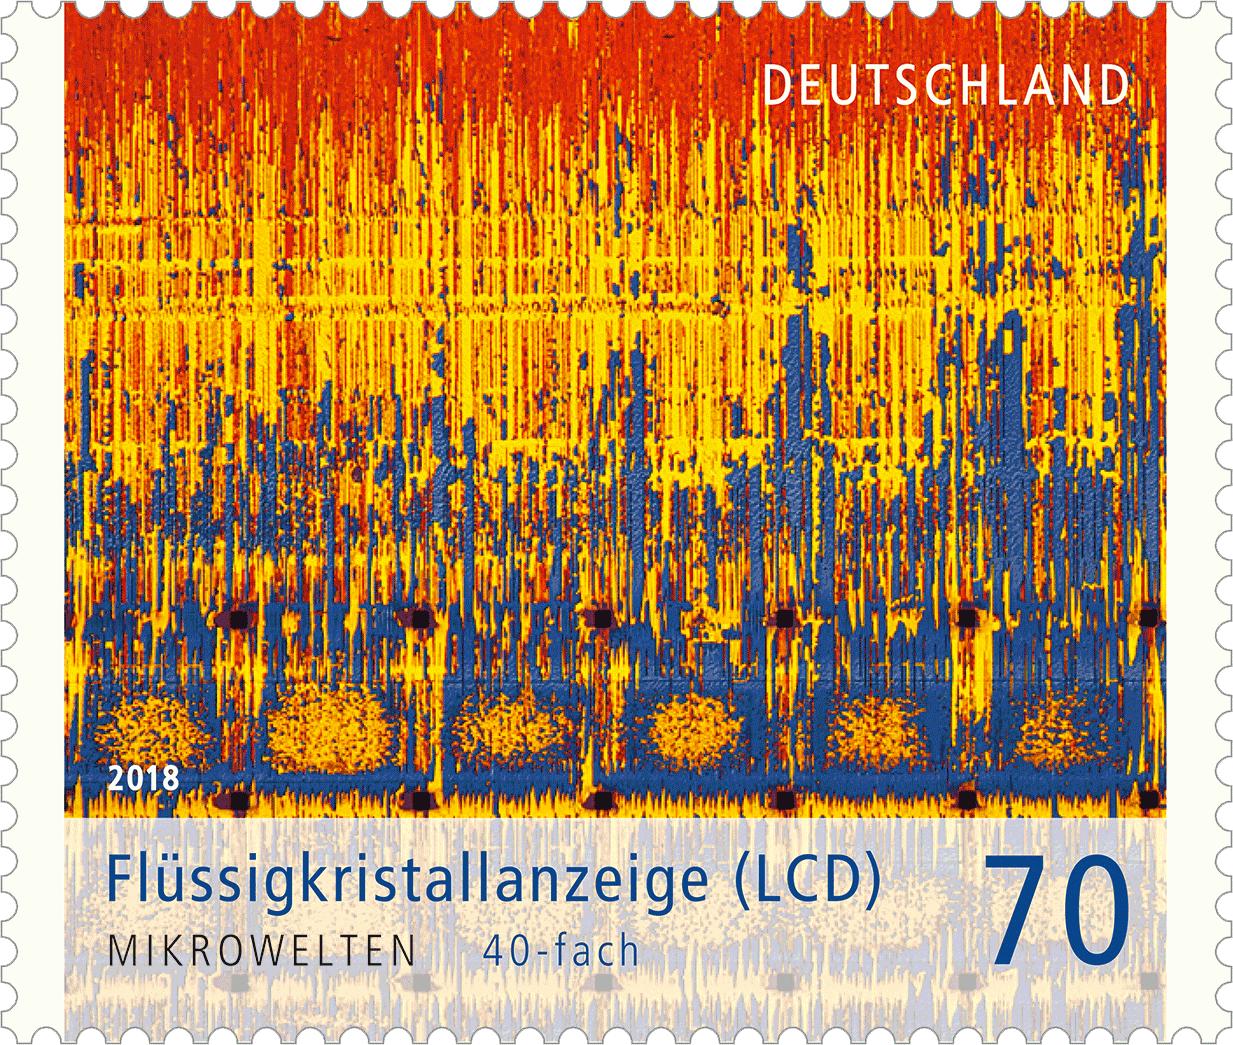 https://www.borek.de/briefmarke-fluessigkristallanzeige-lcd